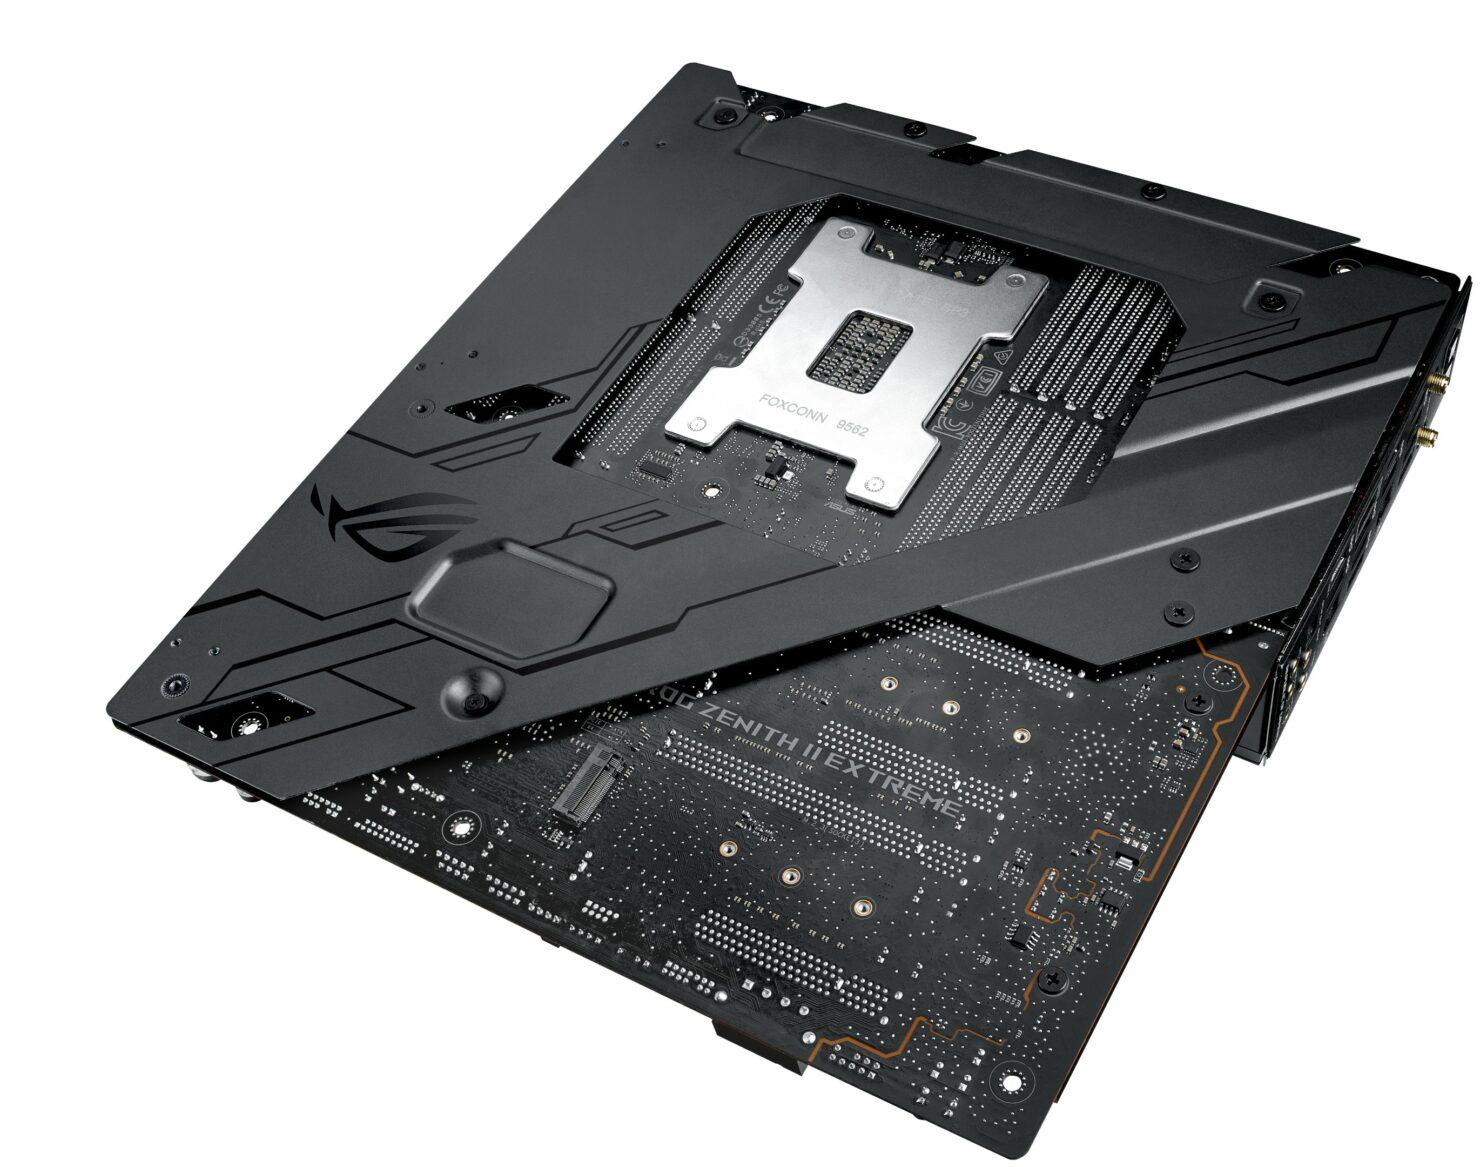 rog-zenith-ii-extreme-backplate-2-custom